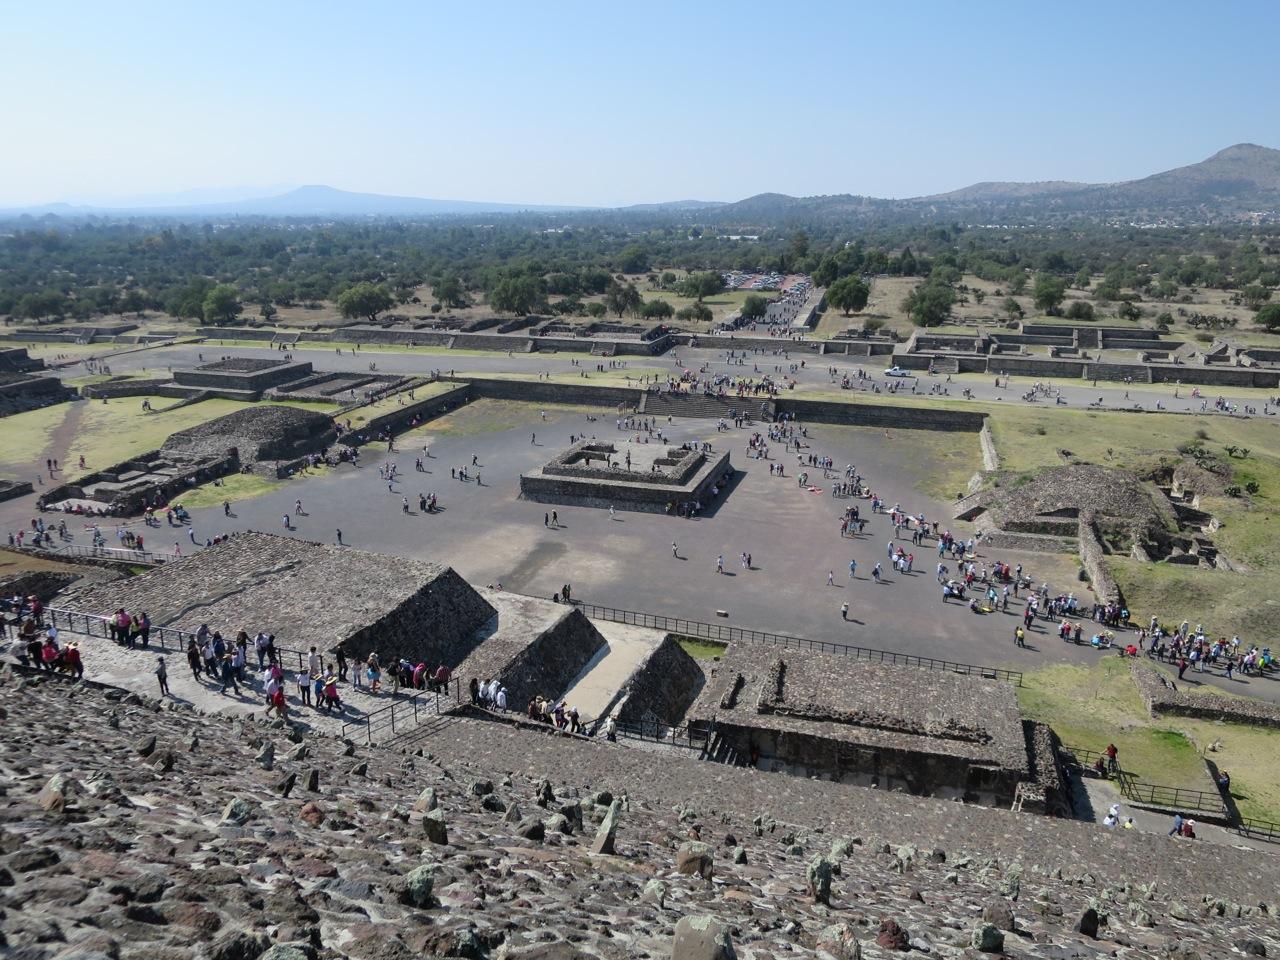 Teotihuacan 1-19